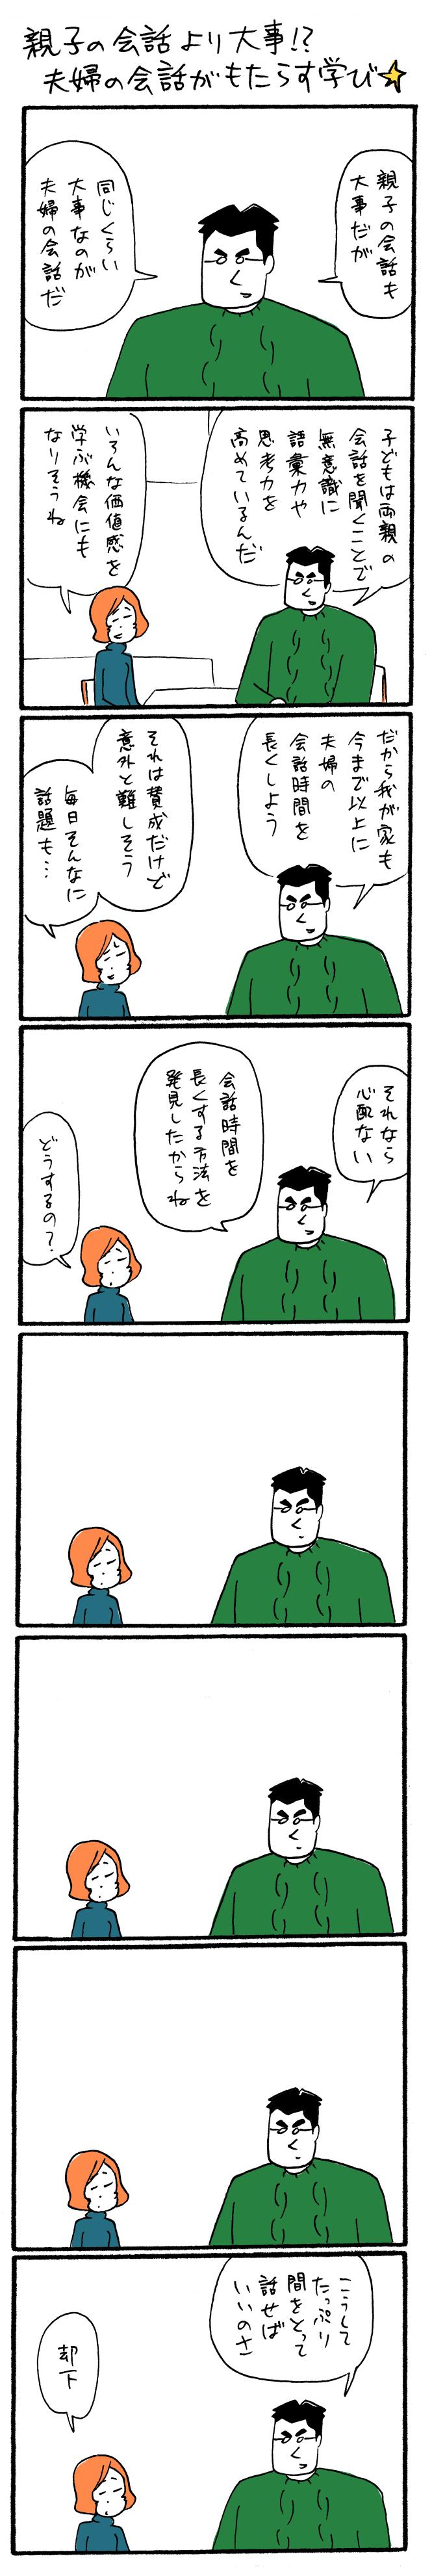 親子の会話より大事!? 夫婦の会話がもたらす学び☆